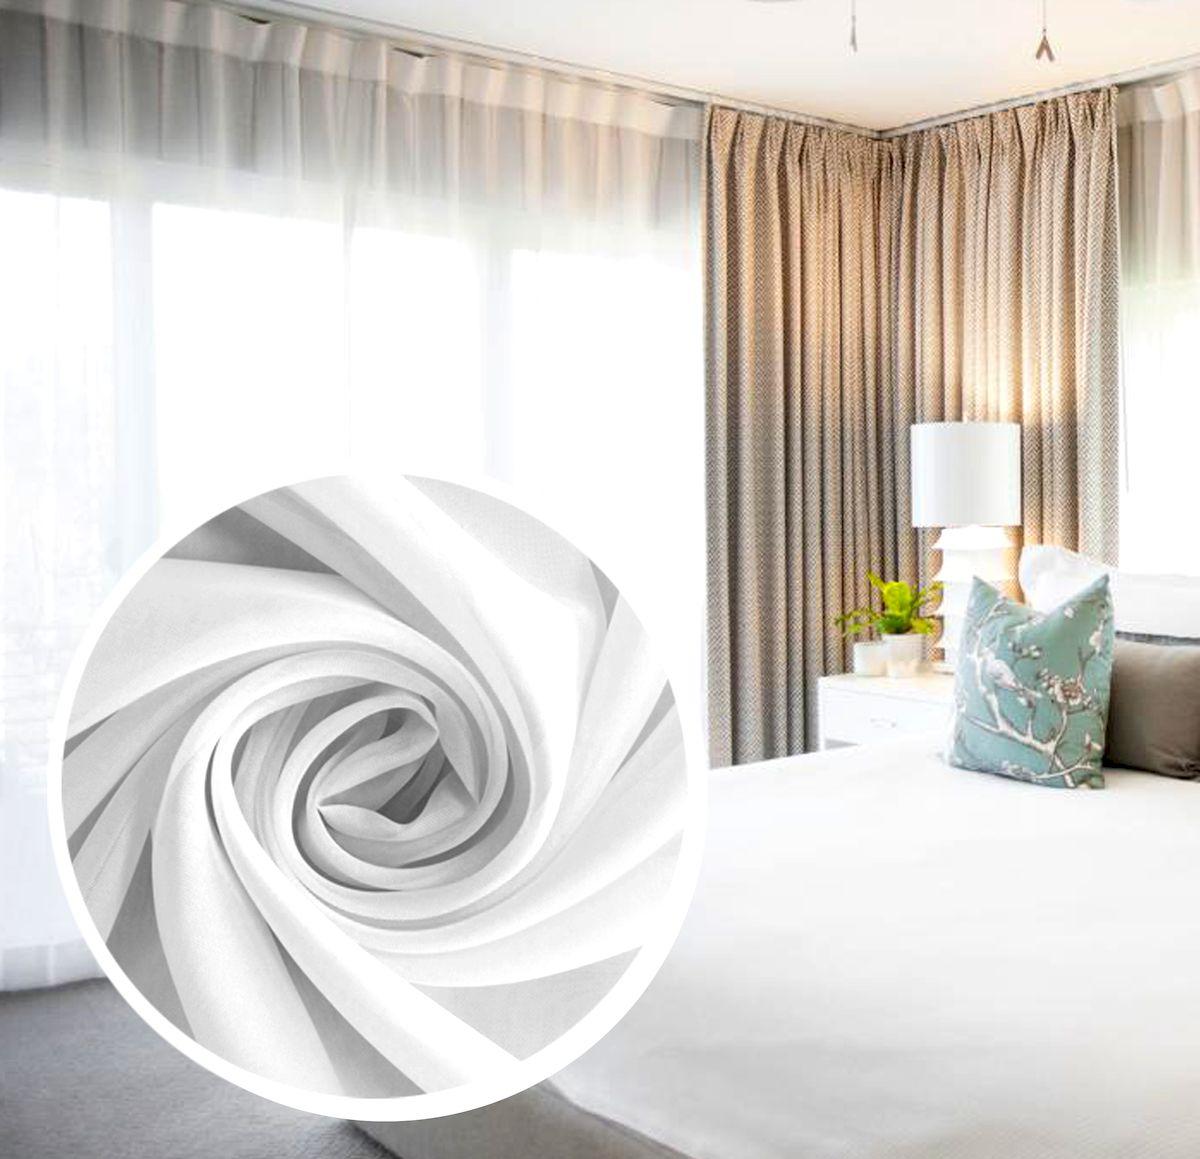 Вуаль Amore Mio Однотонная, на ленте, цвет: белый, высота 270 см. 7538275382Amore Mio - однотонная легкая вуаль нежного цвета в классическом исполнении, выполнена из полиэстера.Вуаль незаменимая деталь в оформлении окон спальни и гостиной. Она отлично сочетается практически с любыми портьерами. Изделие на шторной ленте, готово к использованию. Размер: 300 х 270 см.